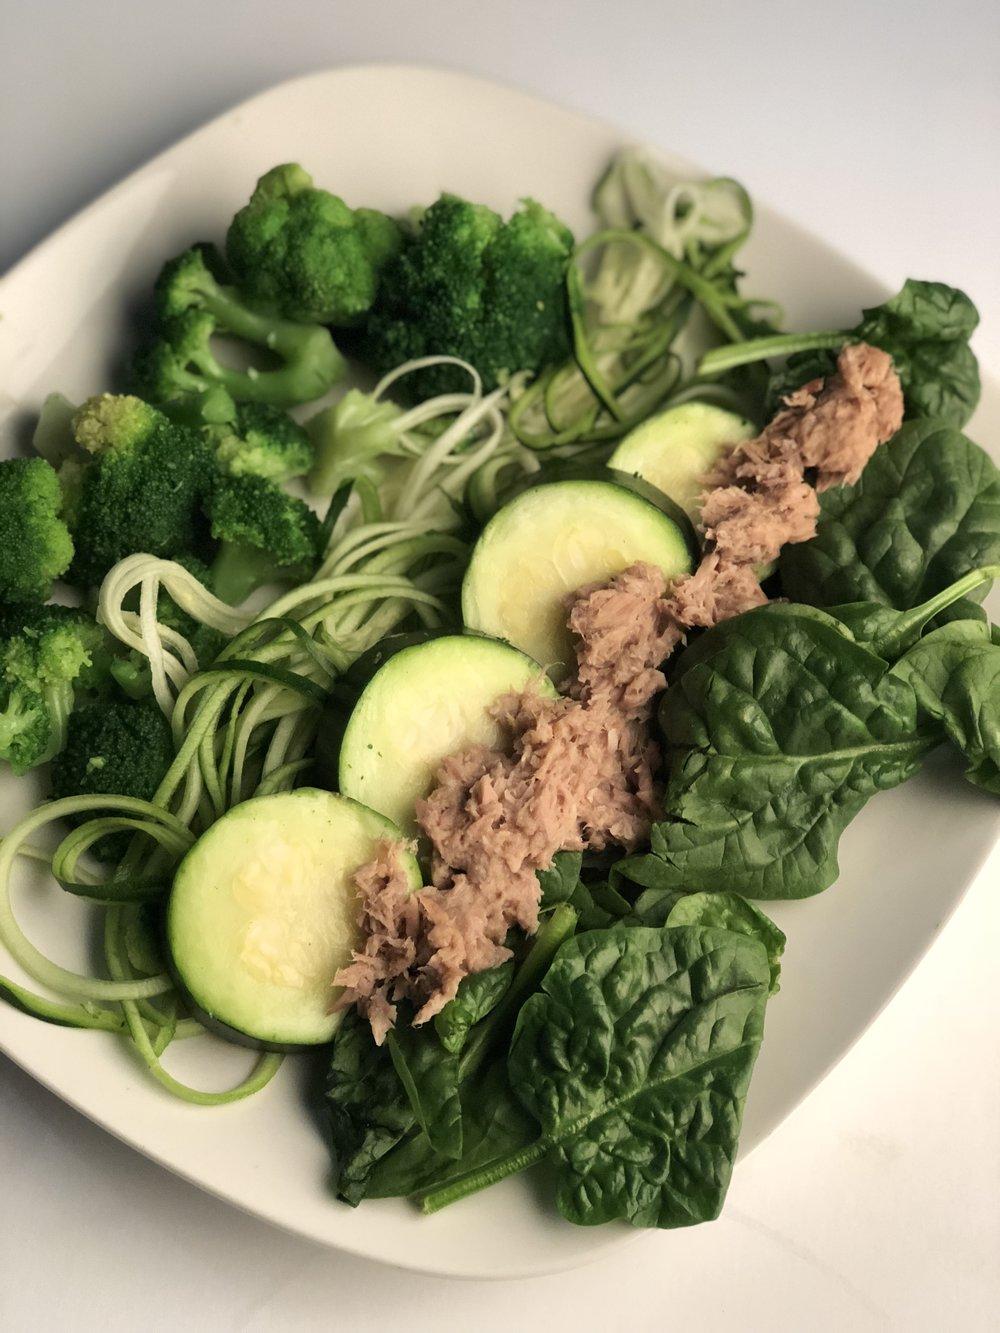 Vegan Dish   Spinach, cucumbers, tuna, spiralized zucchini, broccoli